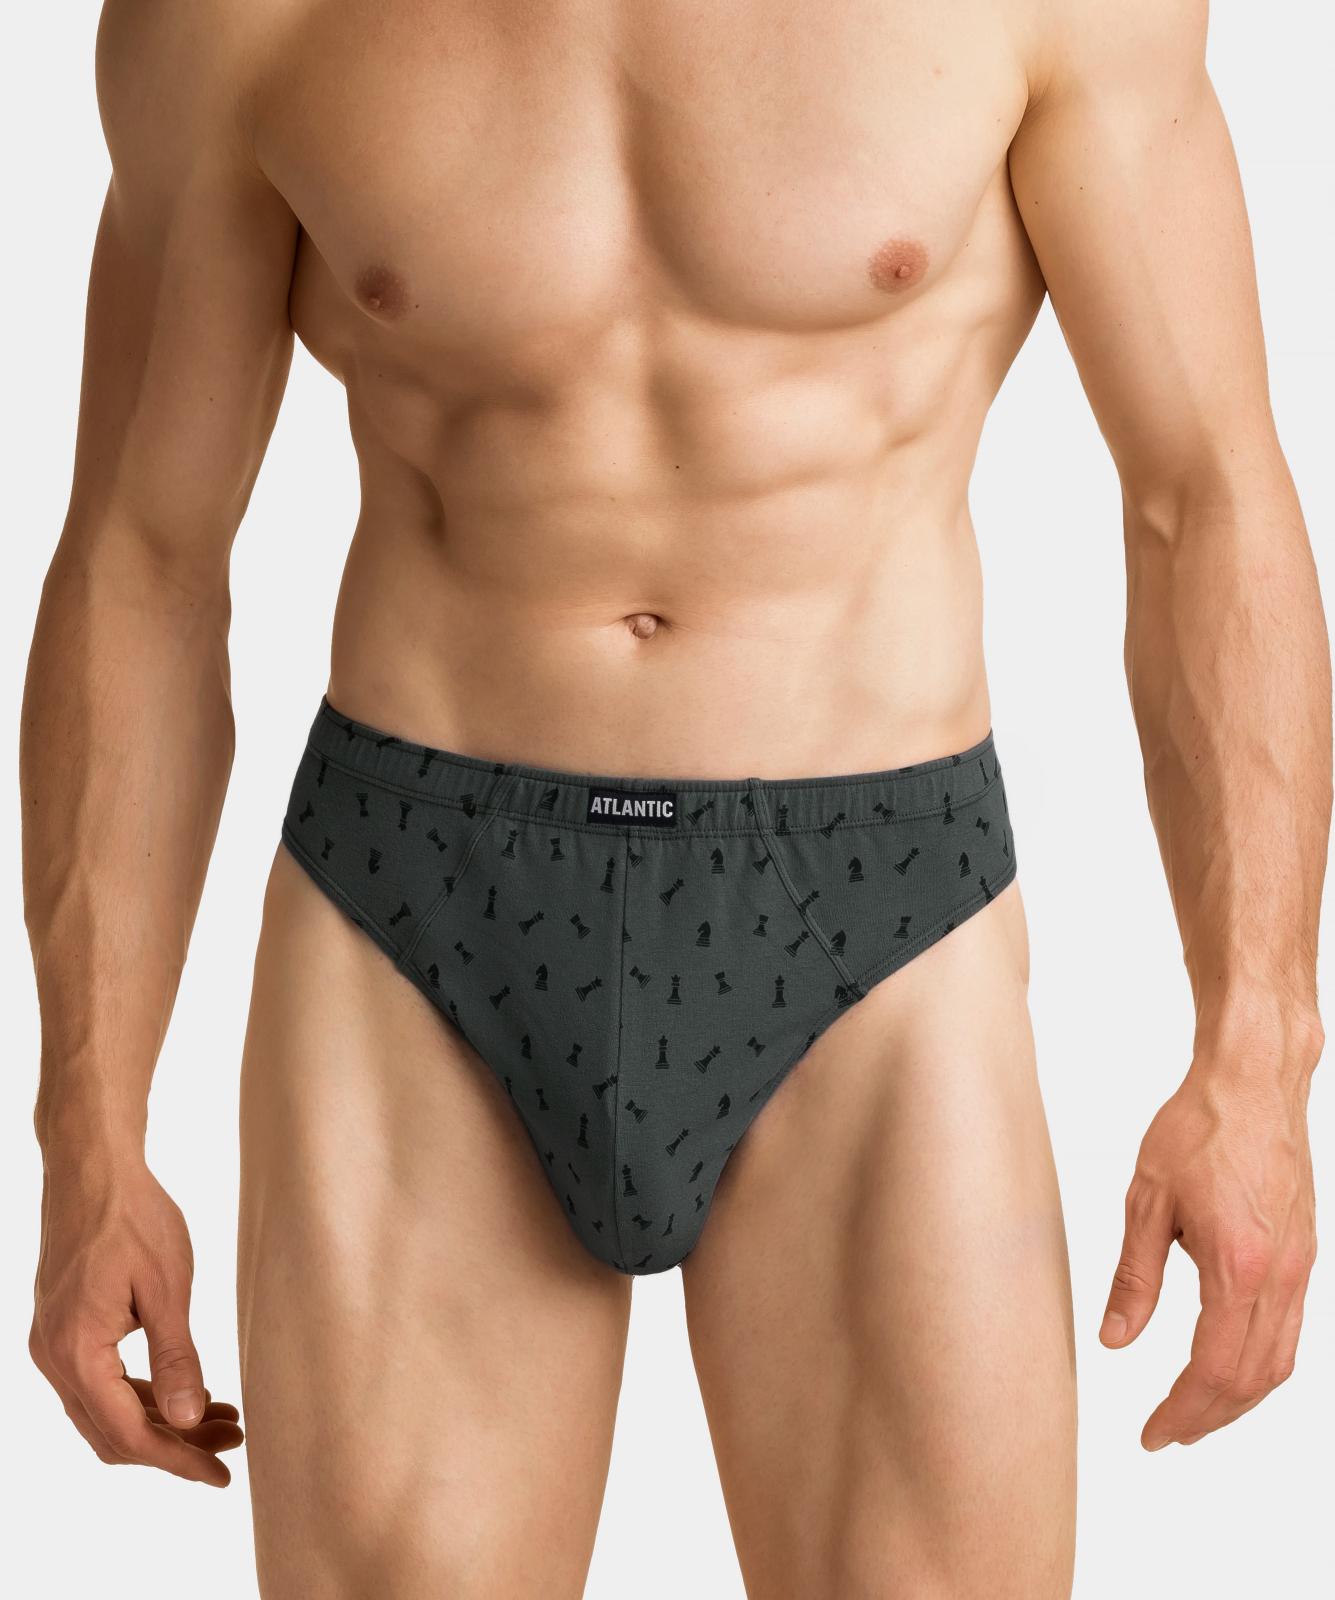 Мужские трусы слипы спорт Atlantic, набор 3 шт., хлопок, серый меланж + хаки, 3MP-111